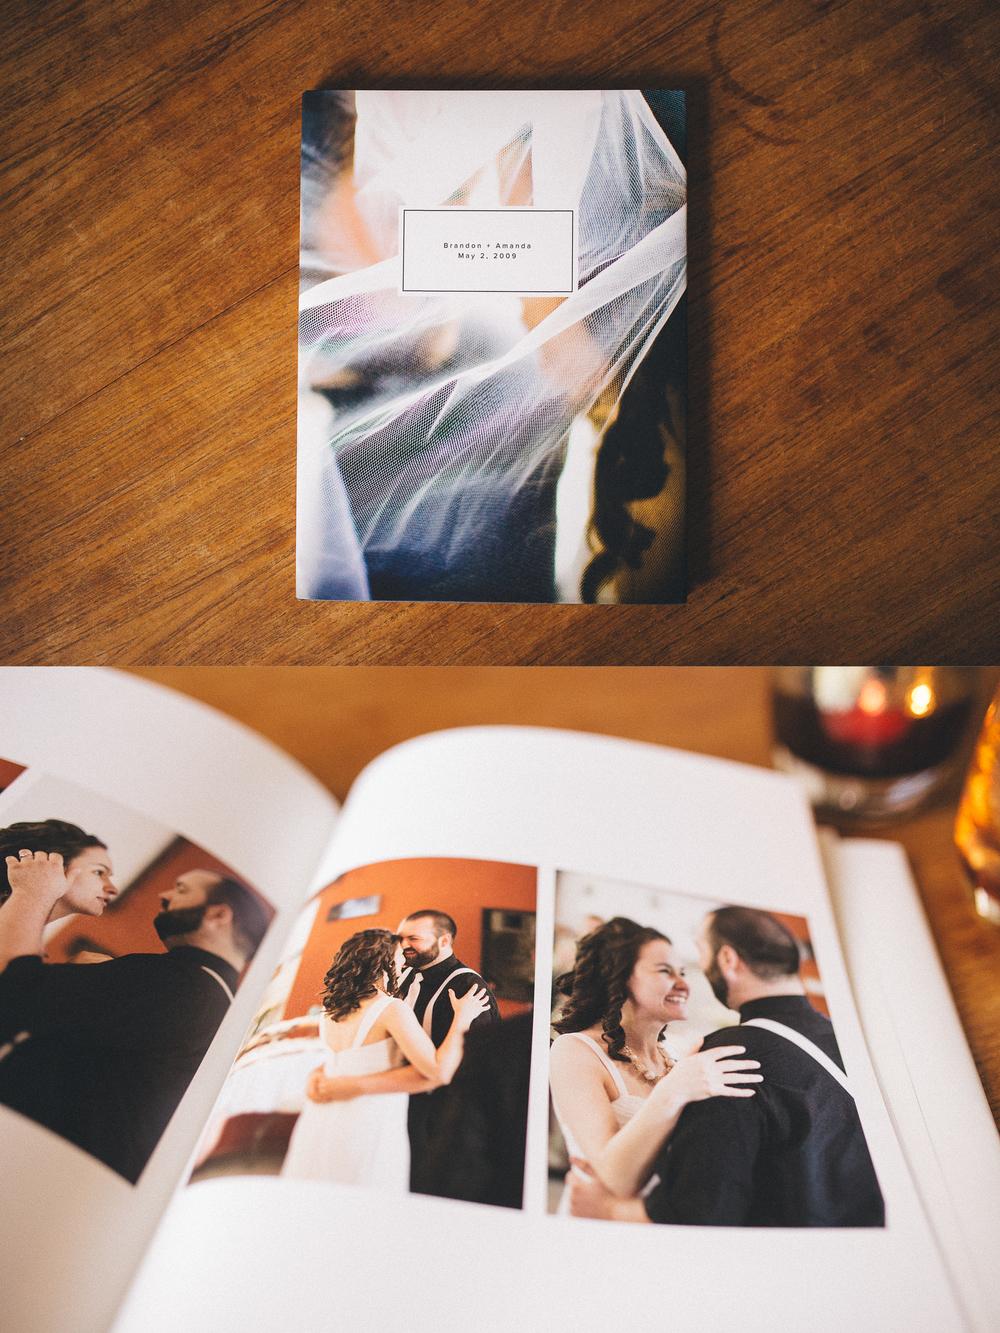 arbr pictures wedding album.jpg